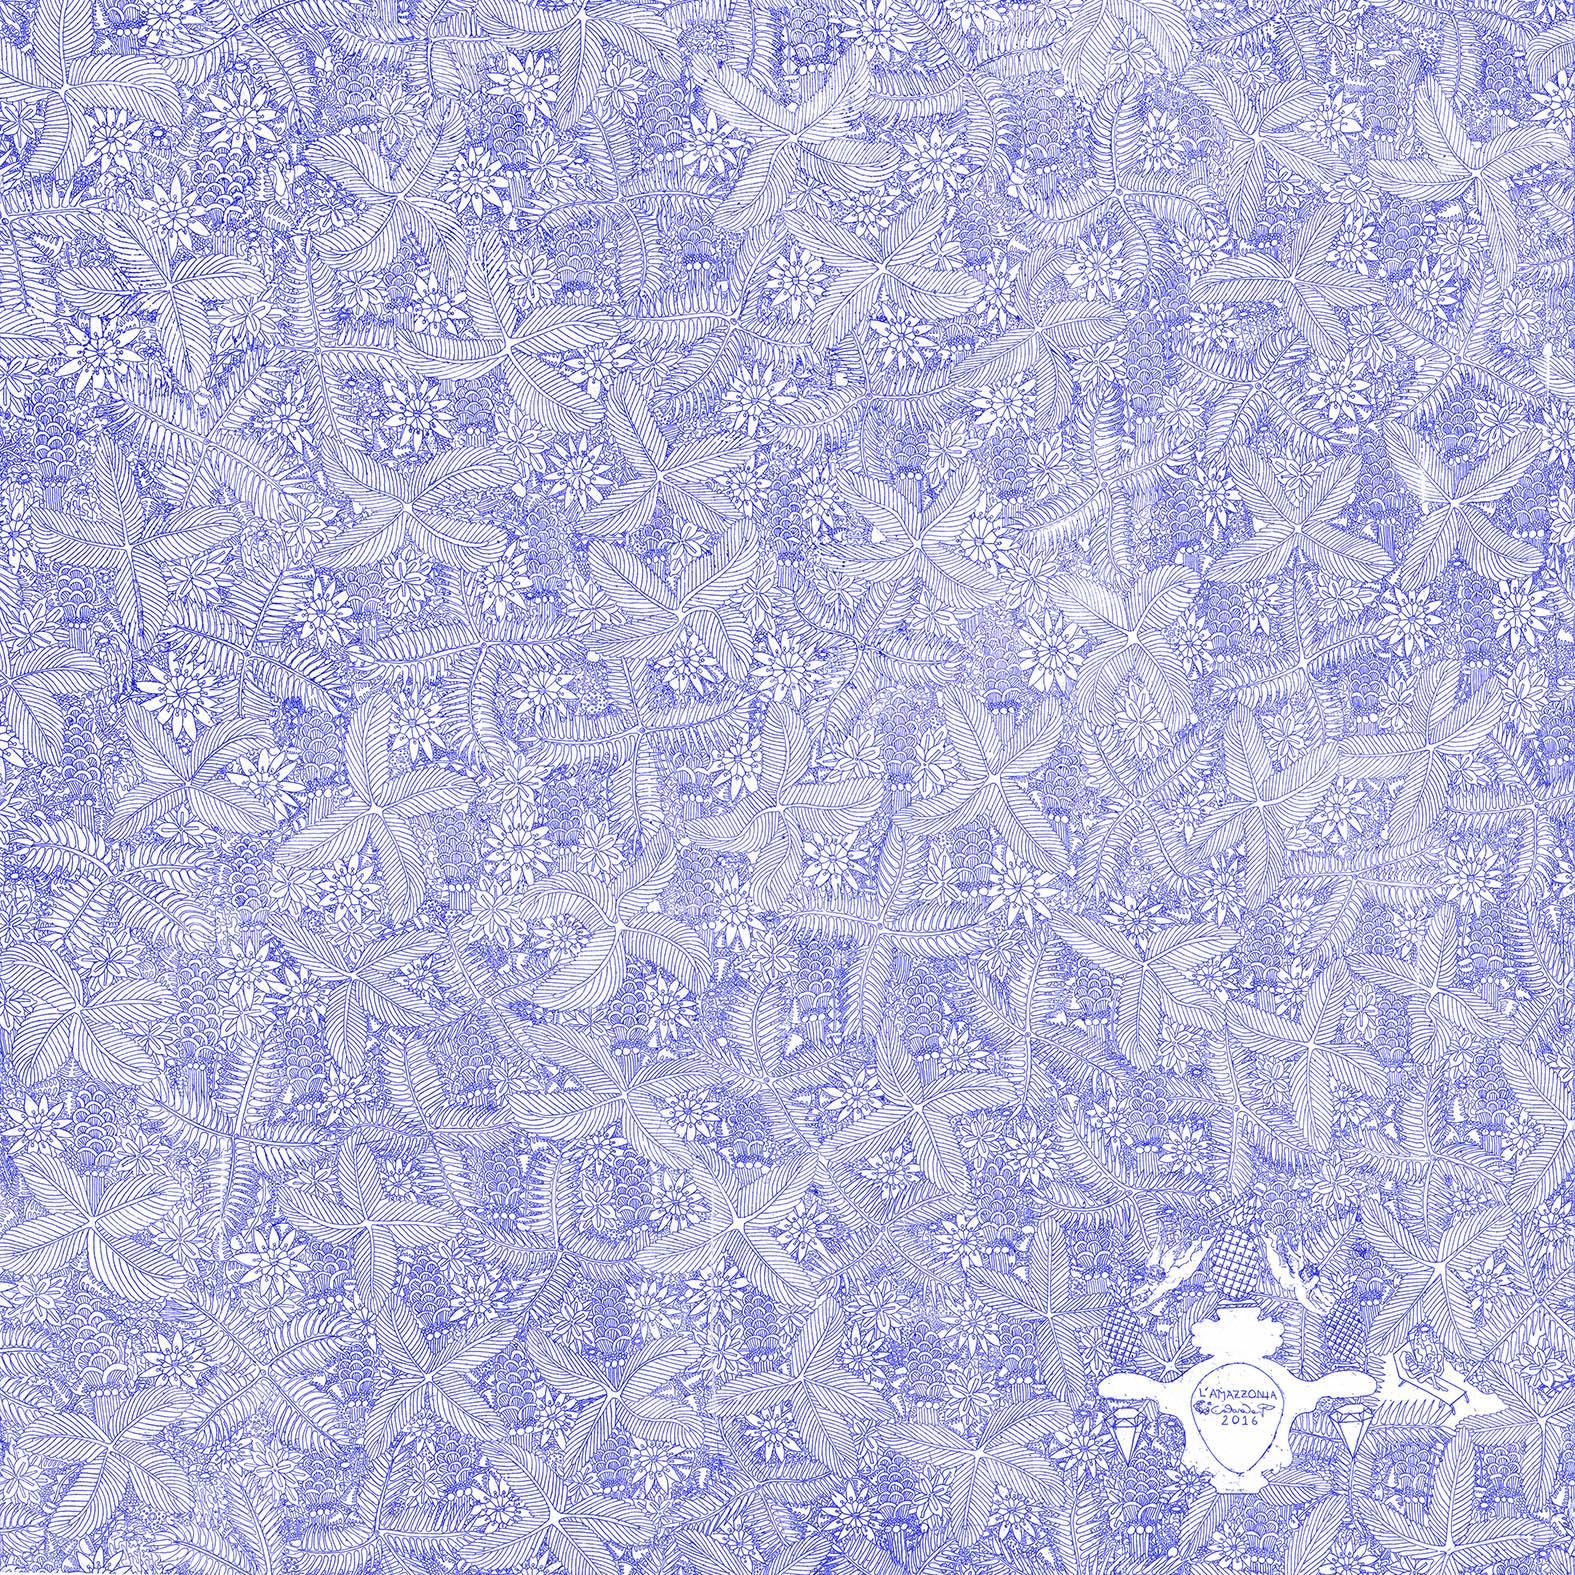 Casolari F. - L'AMAZZONIA (inchiostro azzurro).jpg